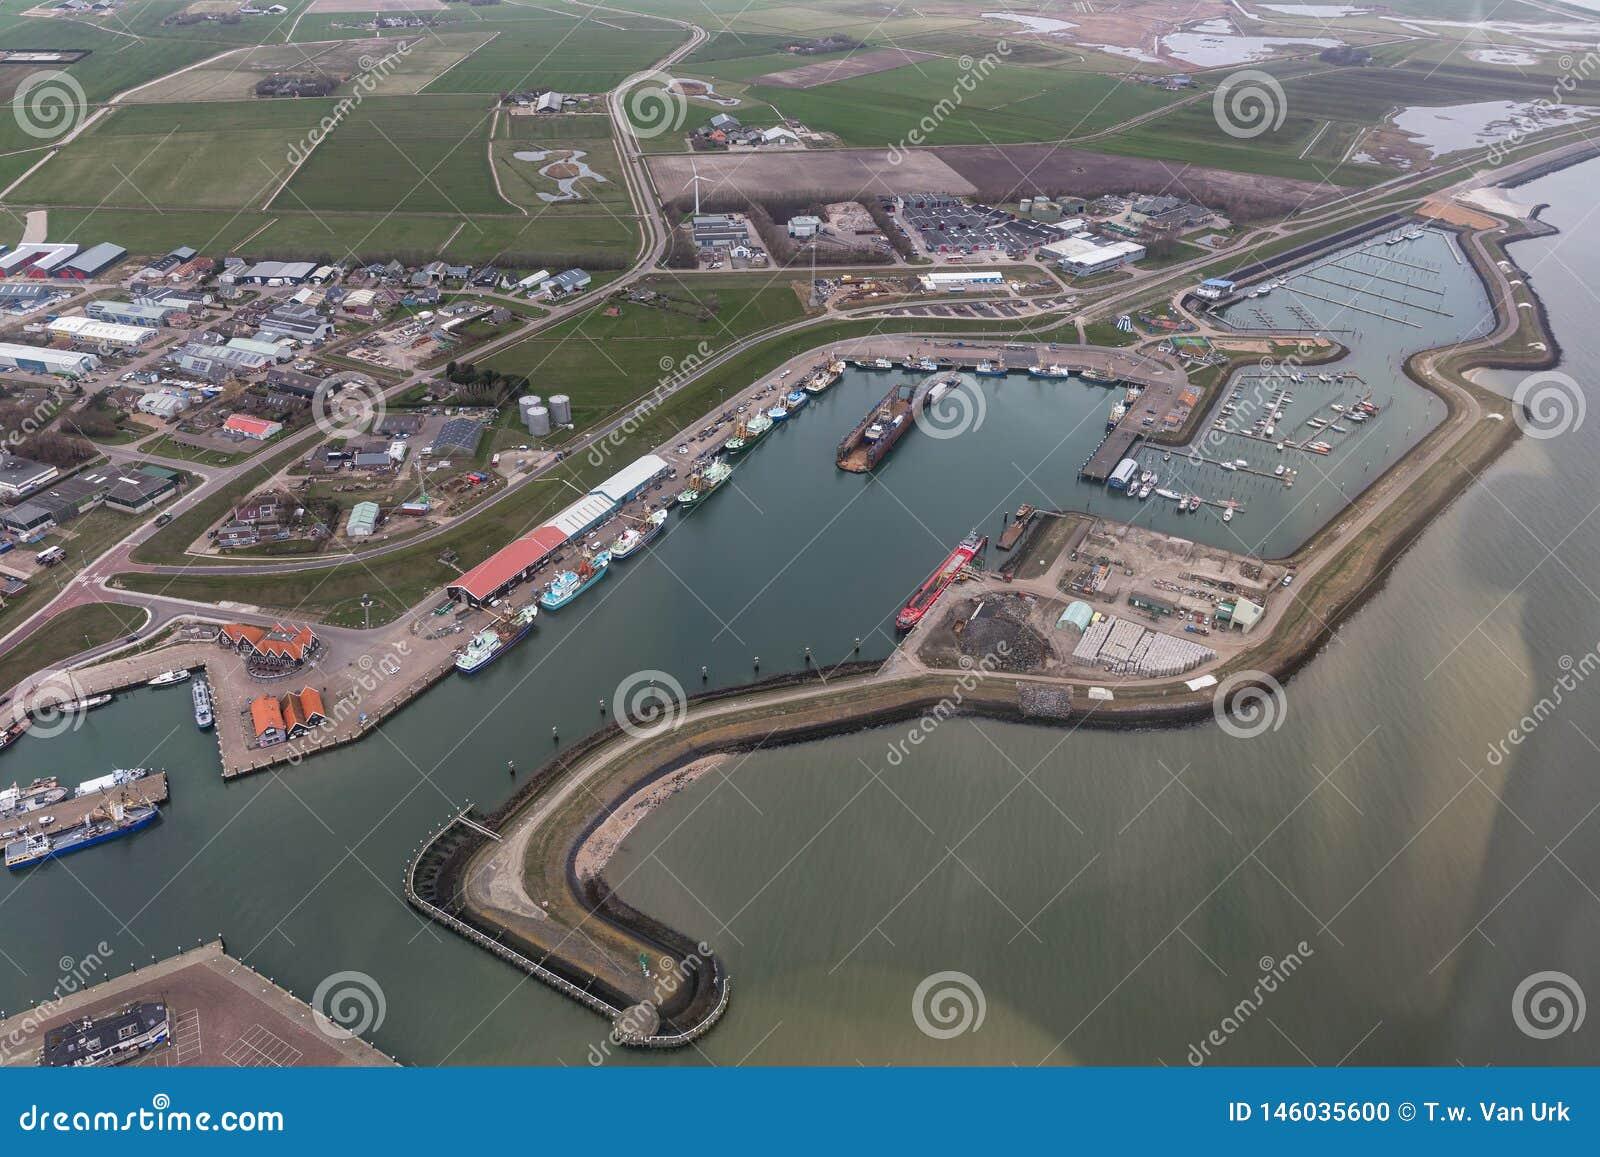 Satellietbeeldhaven Oudeschild bij Nederlands eiland Texel